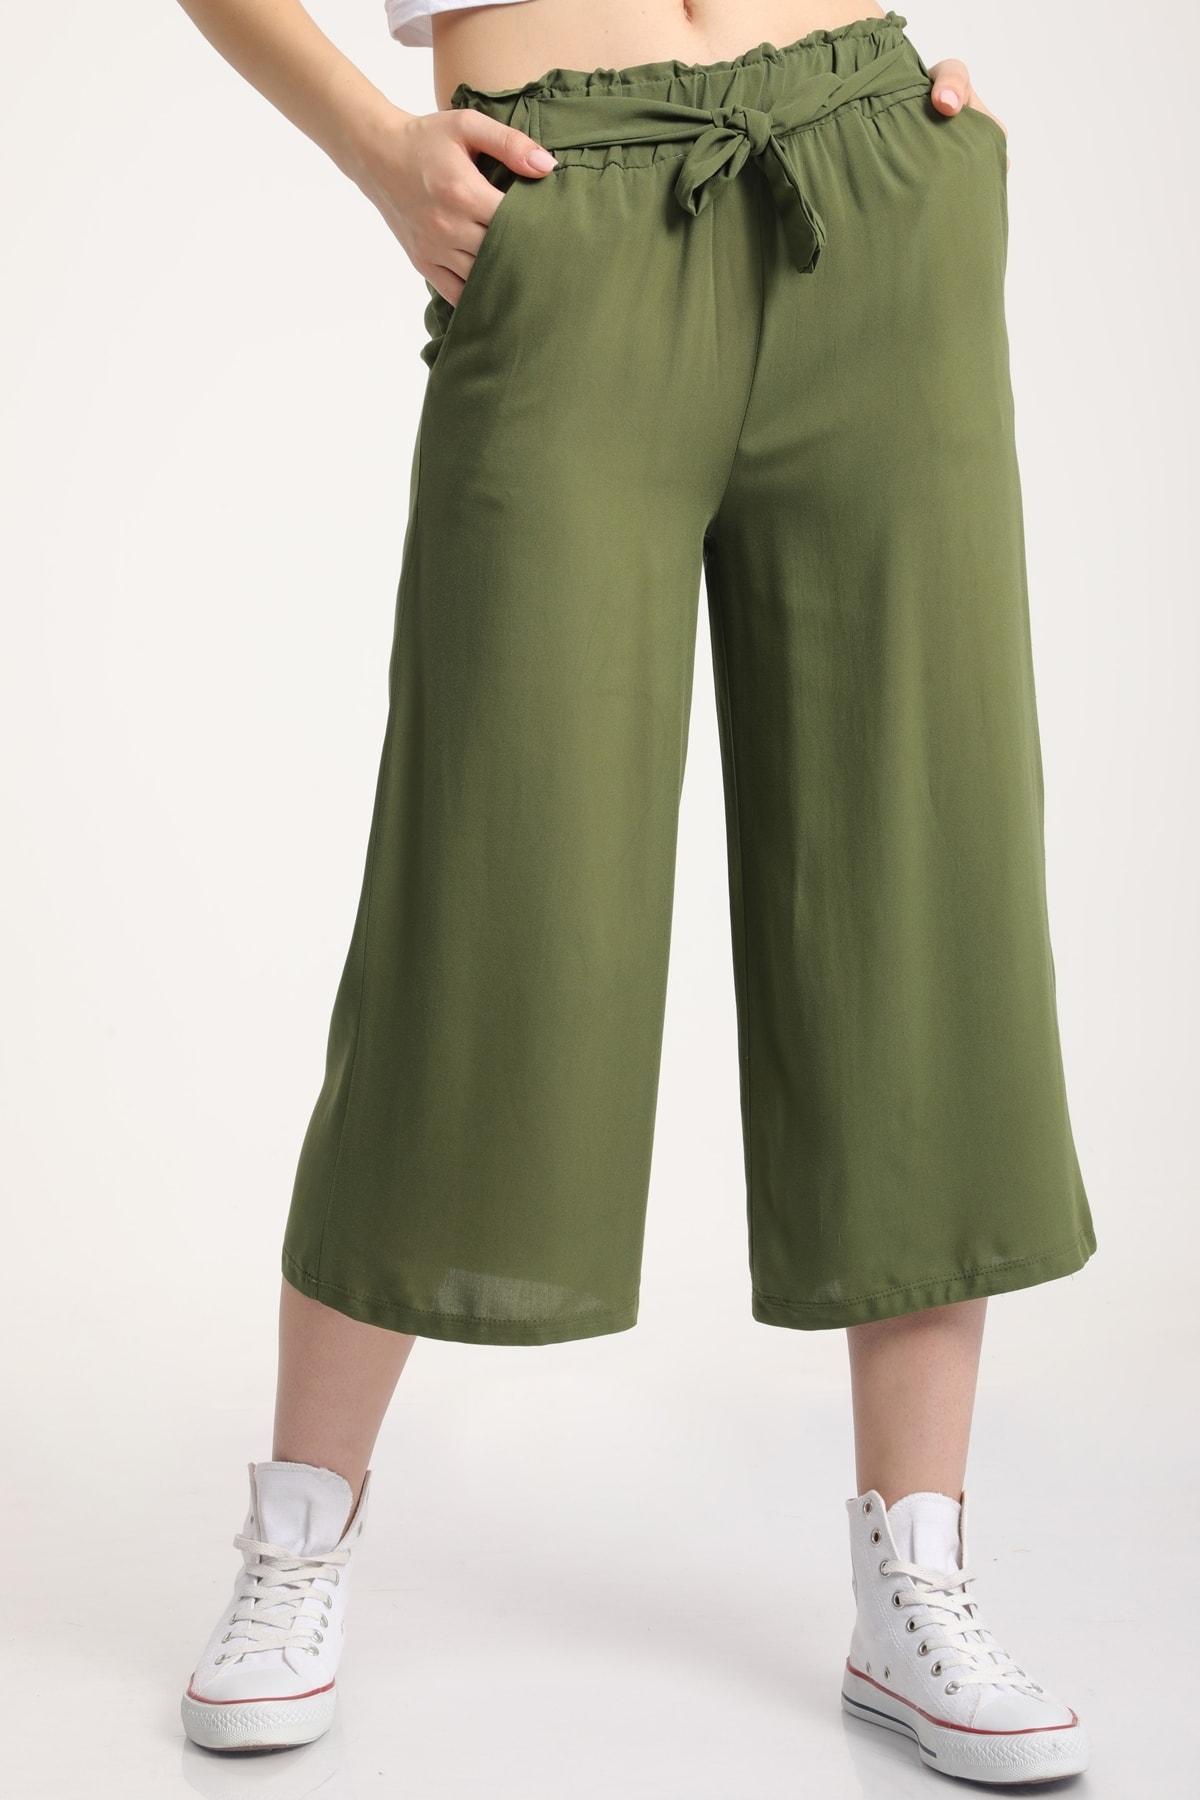 MD trend Kadın Koyu Yeşil Bel Lastikli Bağlamalı Kısa Pantolon Mdt5979 1